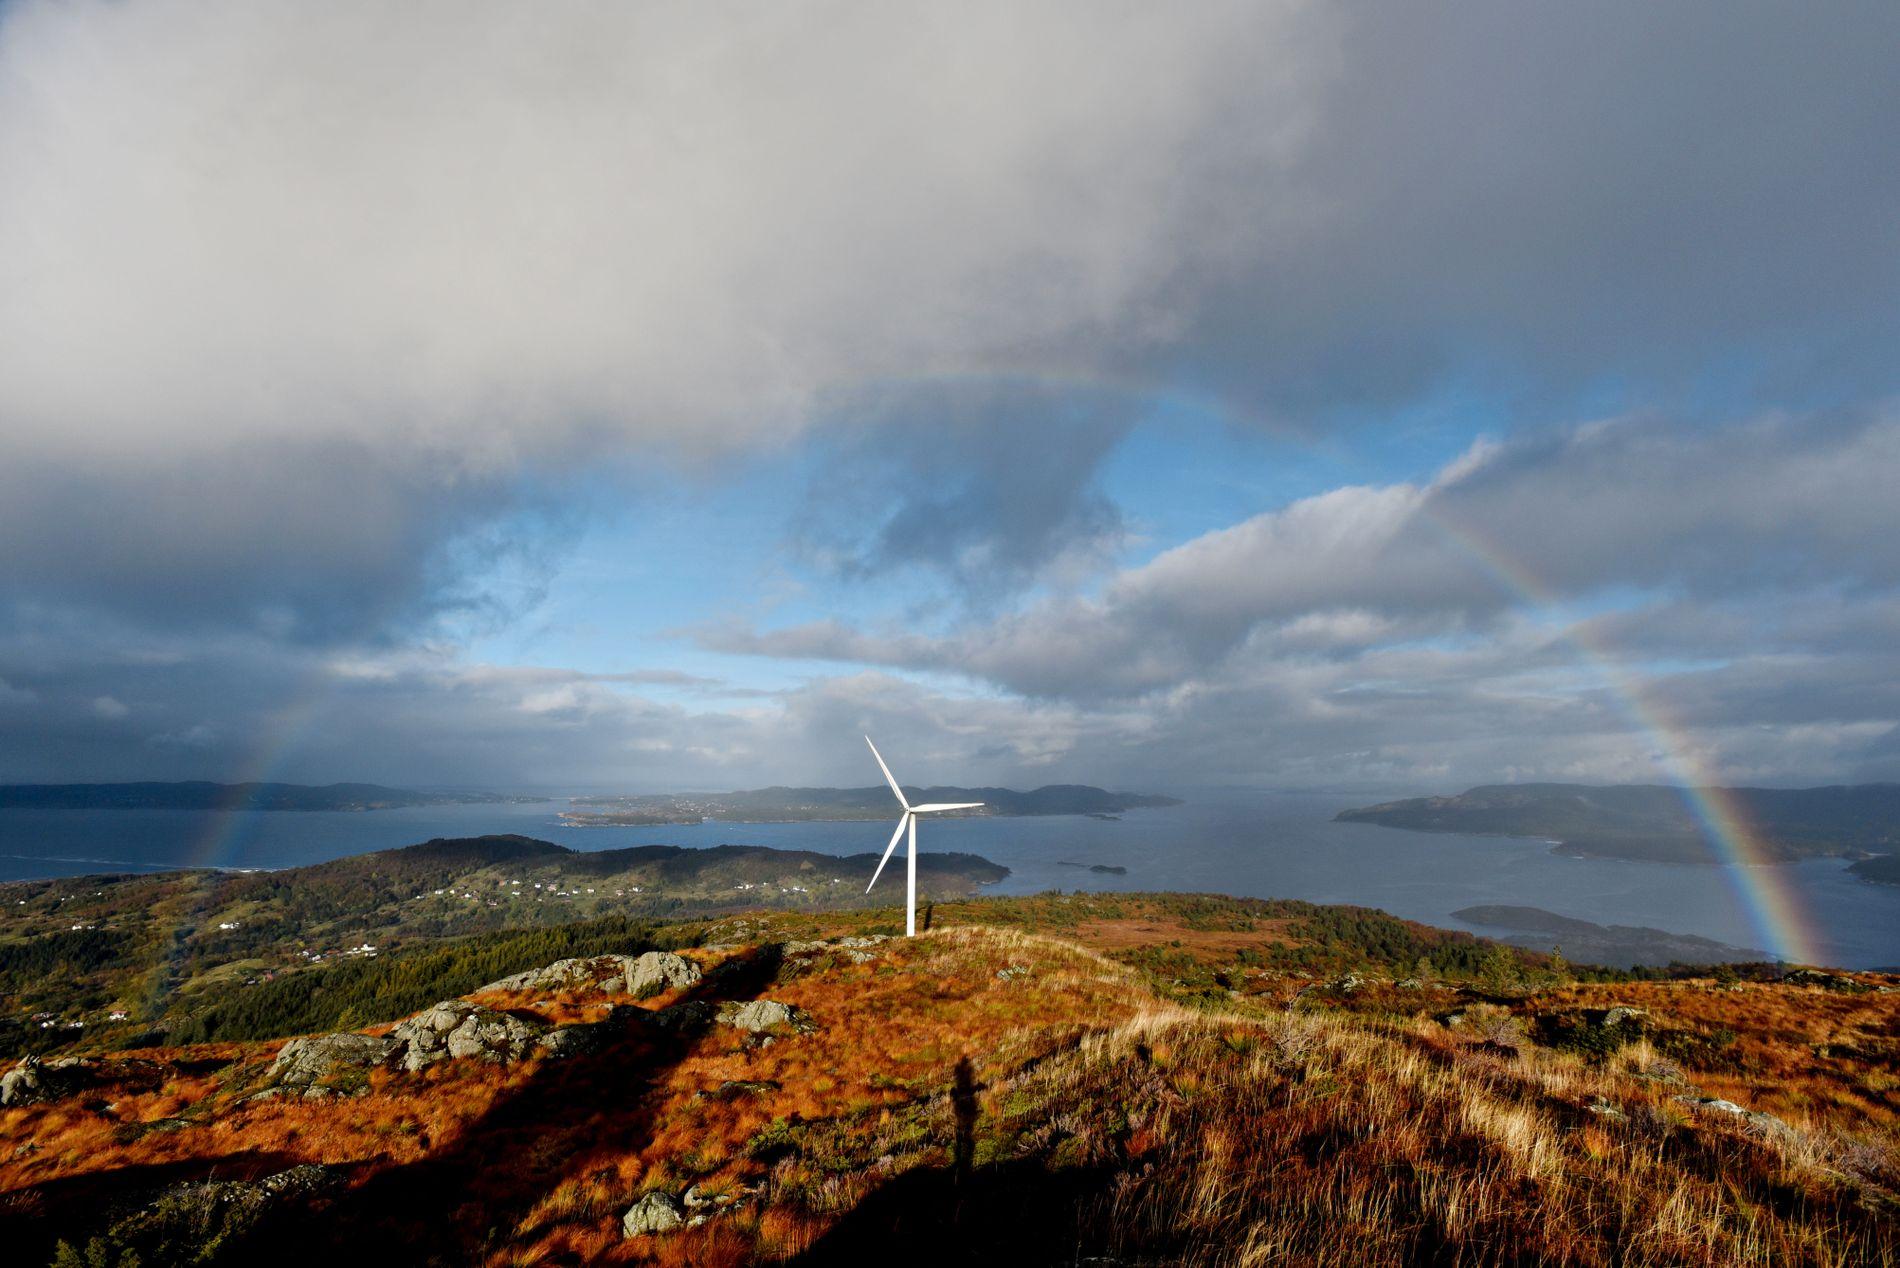 VIND: – Dersom ein berre bryr seg om å redusere klimautslepp, burde ein bygge vindturbinar på kvar einaste ledige fjelltopp. Men miljøkonsekvensane kompliserer situasjonen, spesielt for eit klima- og miljøparti, skriv Morten Myksvoll.